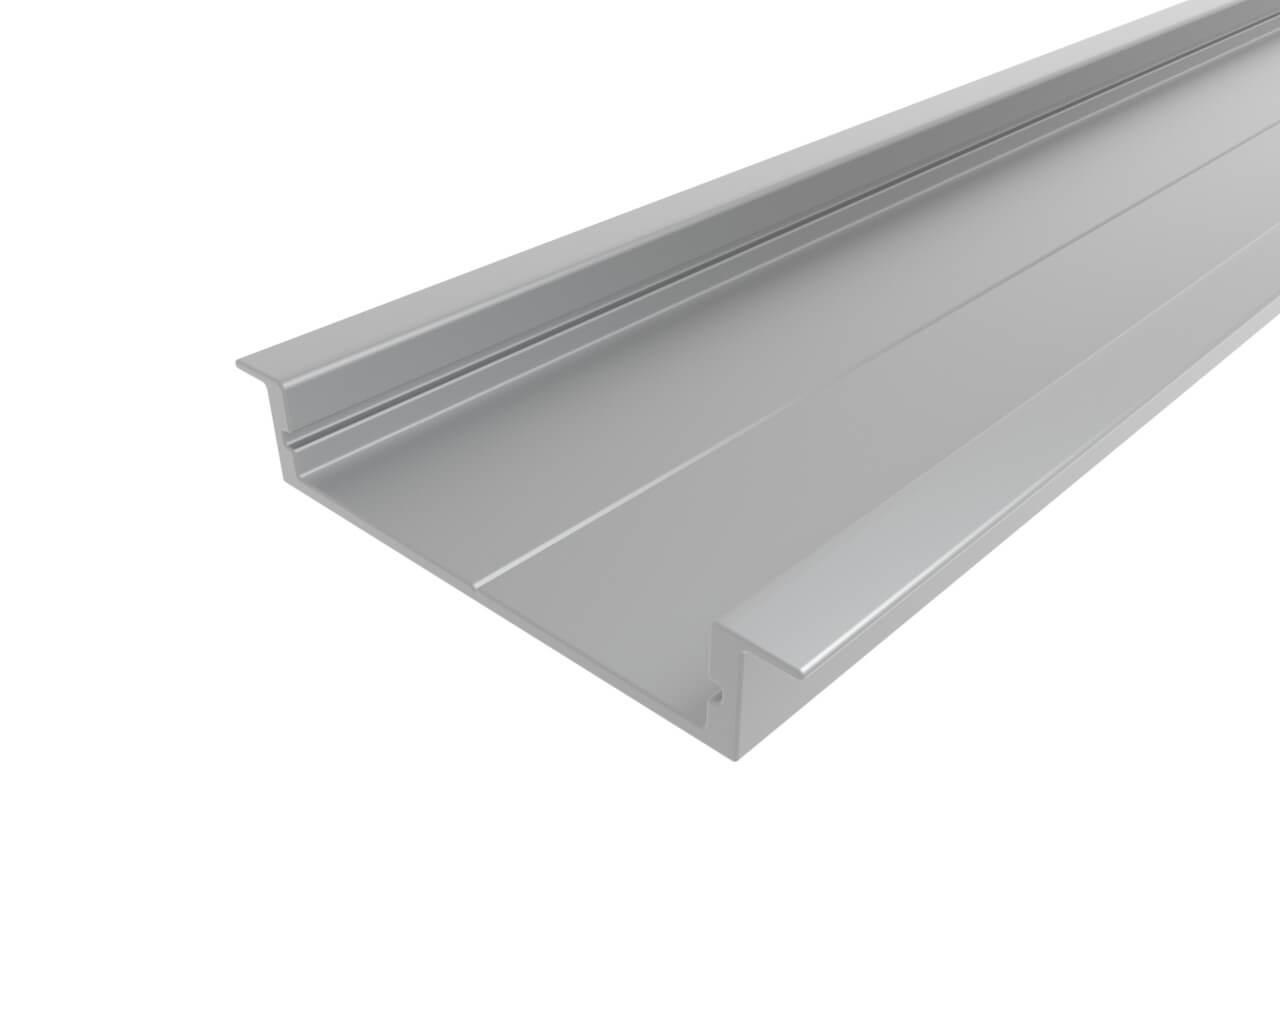 Профиль врезной алюминиевый LC-LPV-0740-2 Anod